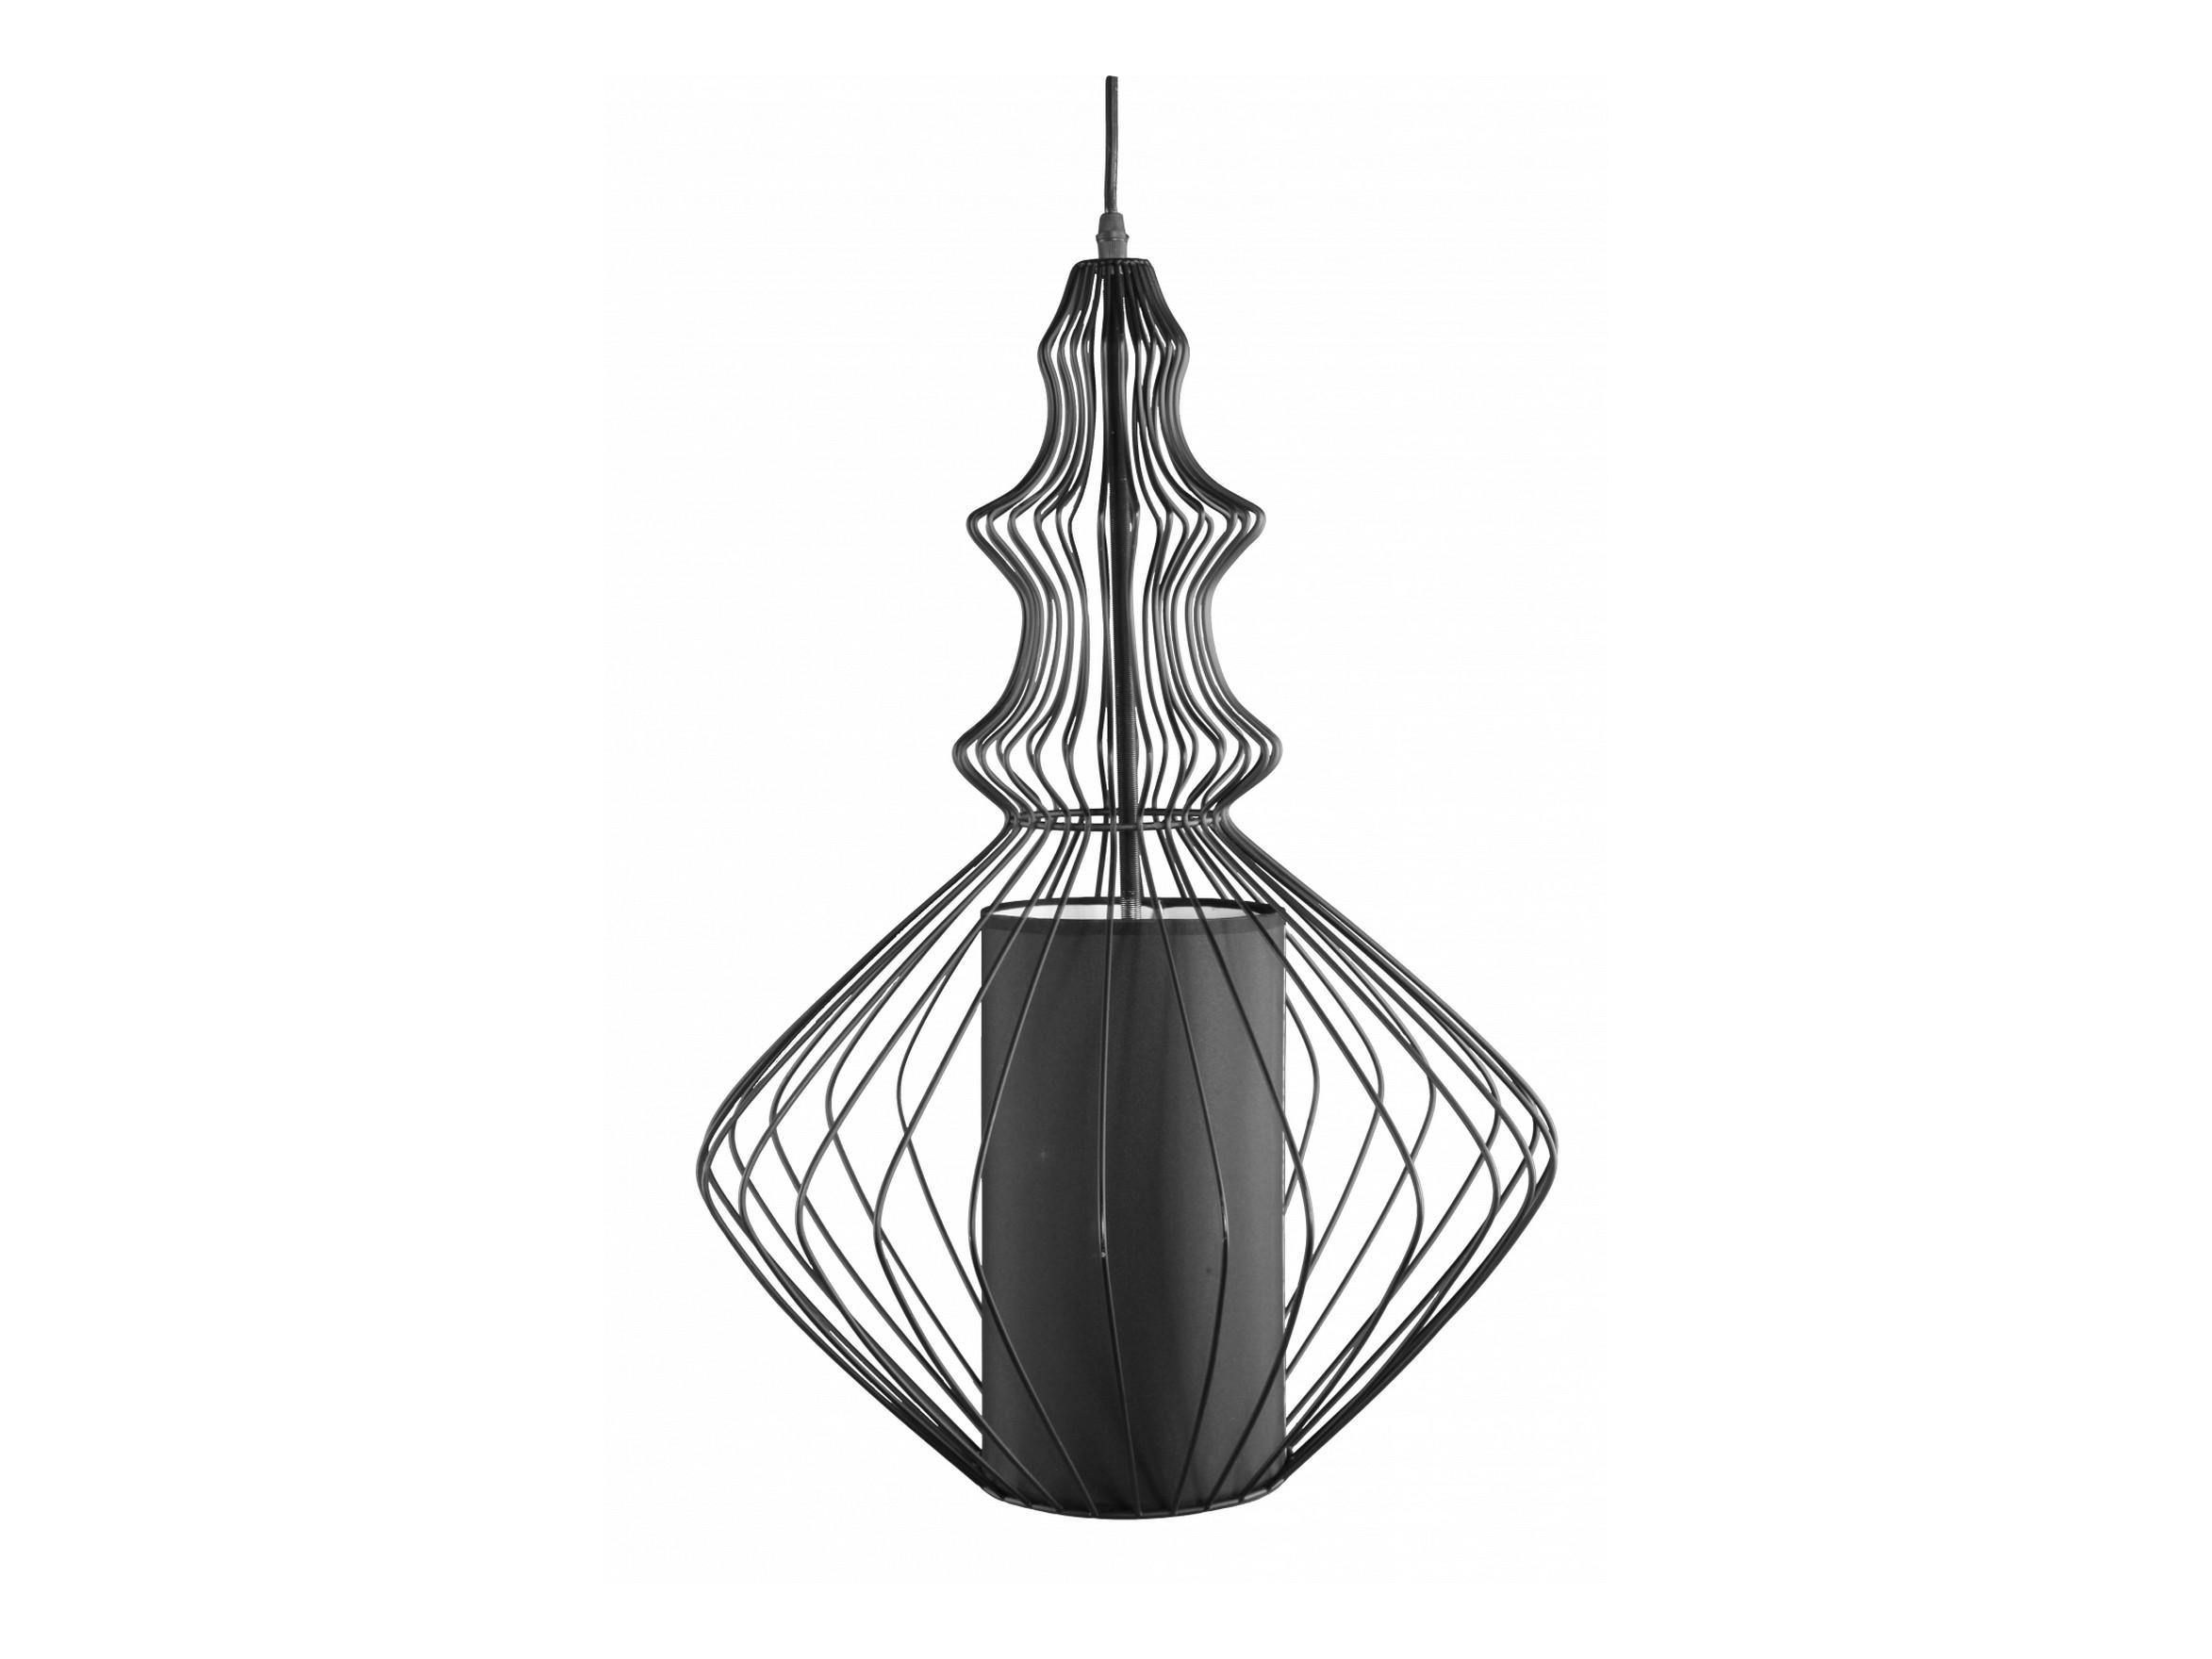 Потолочная лампа MagicСветильники на штанге<br>Дерзкий и ультрамодный дизайн потолочной лампы &amp;quot;Magic&amp;quot; прекрасно впишется как в минималистичный, так и гламурный интерьер.<br>Абажур выполнен из ткани.&amp;amp;nbsp;&amp;lt;div&amp;gt;&amp;lt;br&amp;gt;&amp;lt;/div&amp;gt;&amp;lt;div&amp;gt;Вид цоколя: Е27&amp;lt;/div&amp;gt;&amp;lt;div&amp;gt;Мощность лампы: 20W&amp;lt;/div&amp;gt;&amp;lt;div&amp;gt;Количество ламп: 1&amp;lt;/div&amp;gt;&amp;lt;div&amp;gt;Наличие ламп: нет&amp;lt;/div&amp;gt;&amp;lt;div&amp;gt;&amp;lt;br&amp;gt;&amp;lt;/div&amp;gt;<br><br>Material: Железо<br>Height см: 57<br>Diameter см: 42